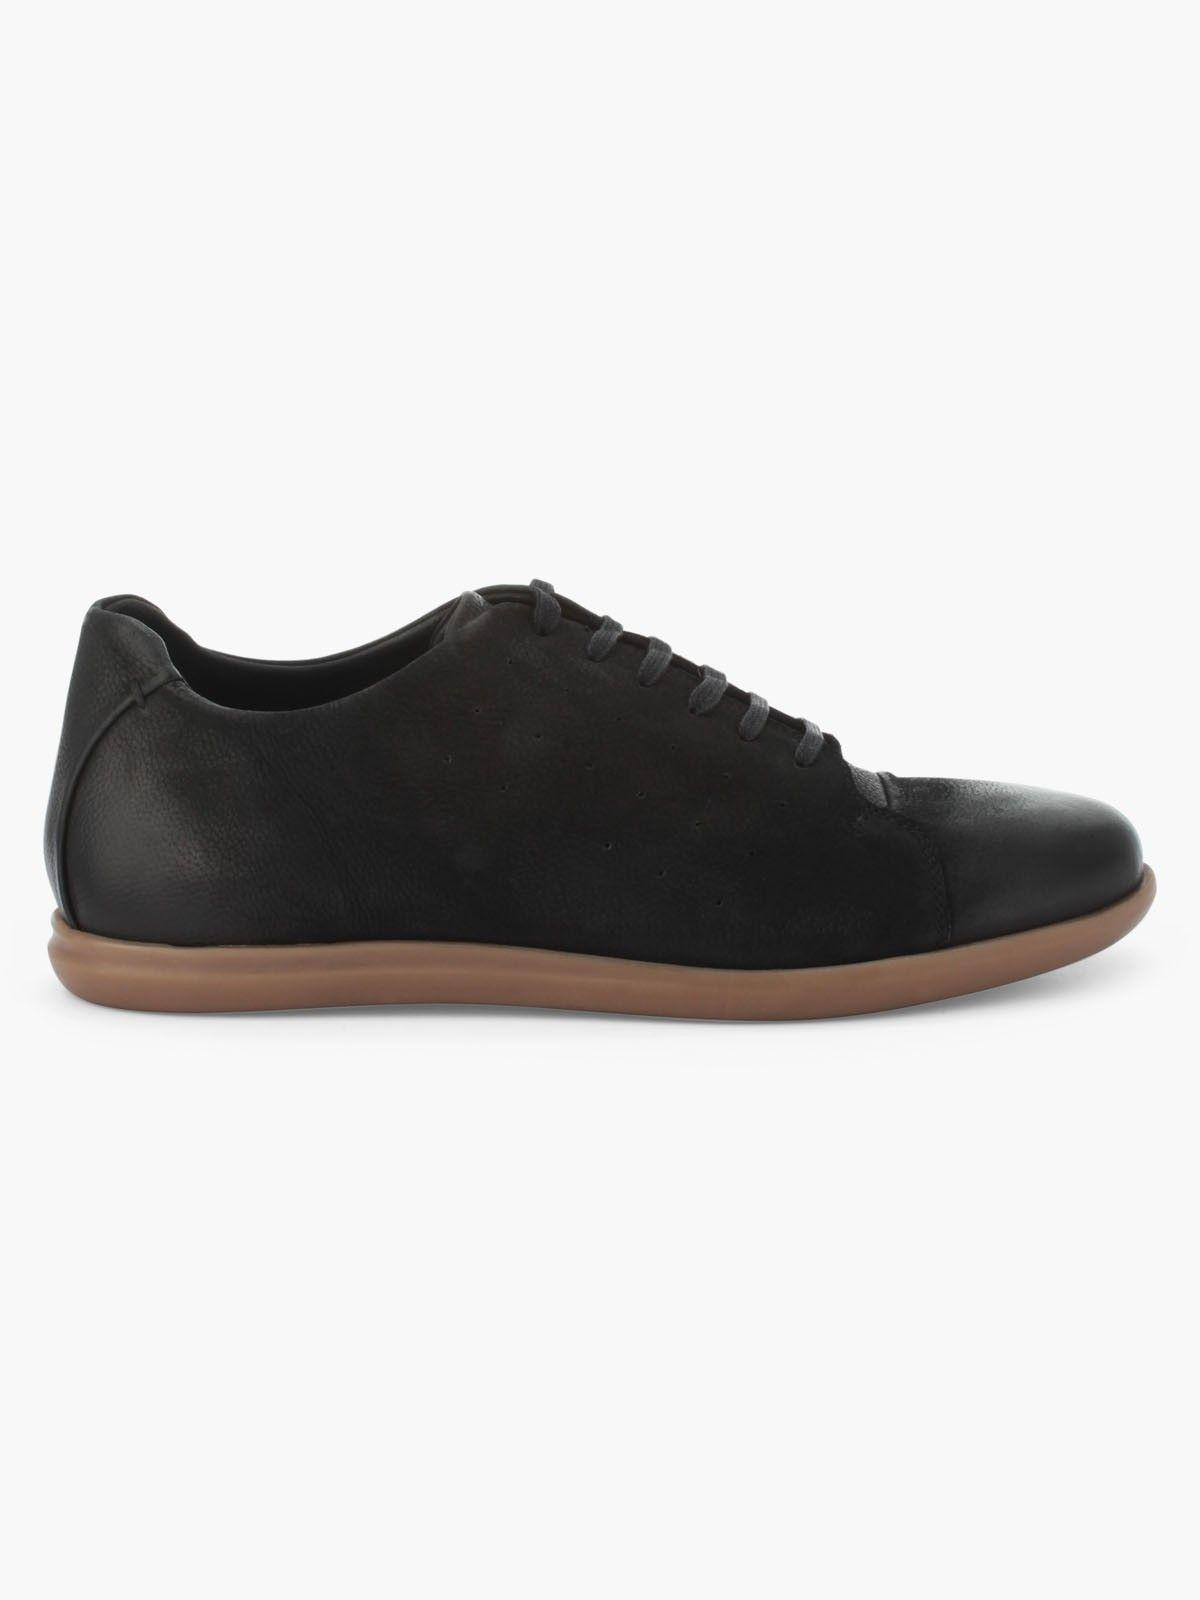 En Noirvetements Sneakers homme Cuir TRAPPEUR Unies ALc5jq34R